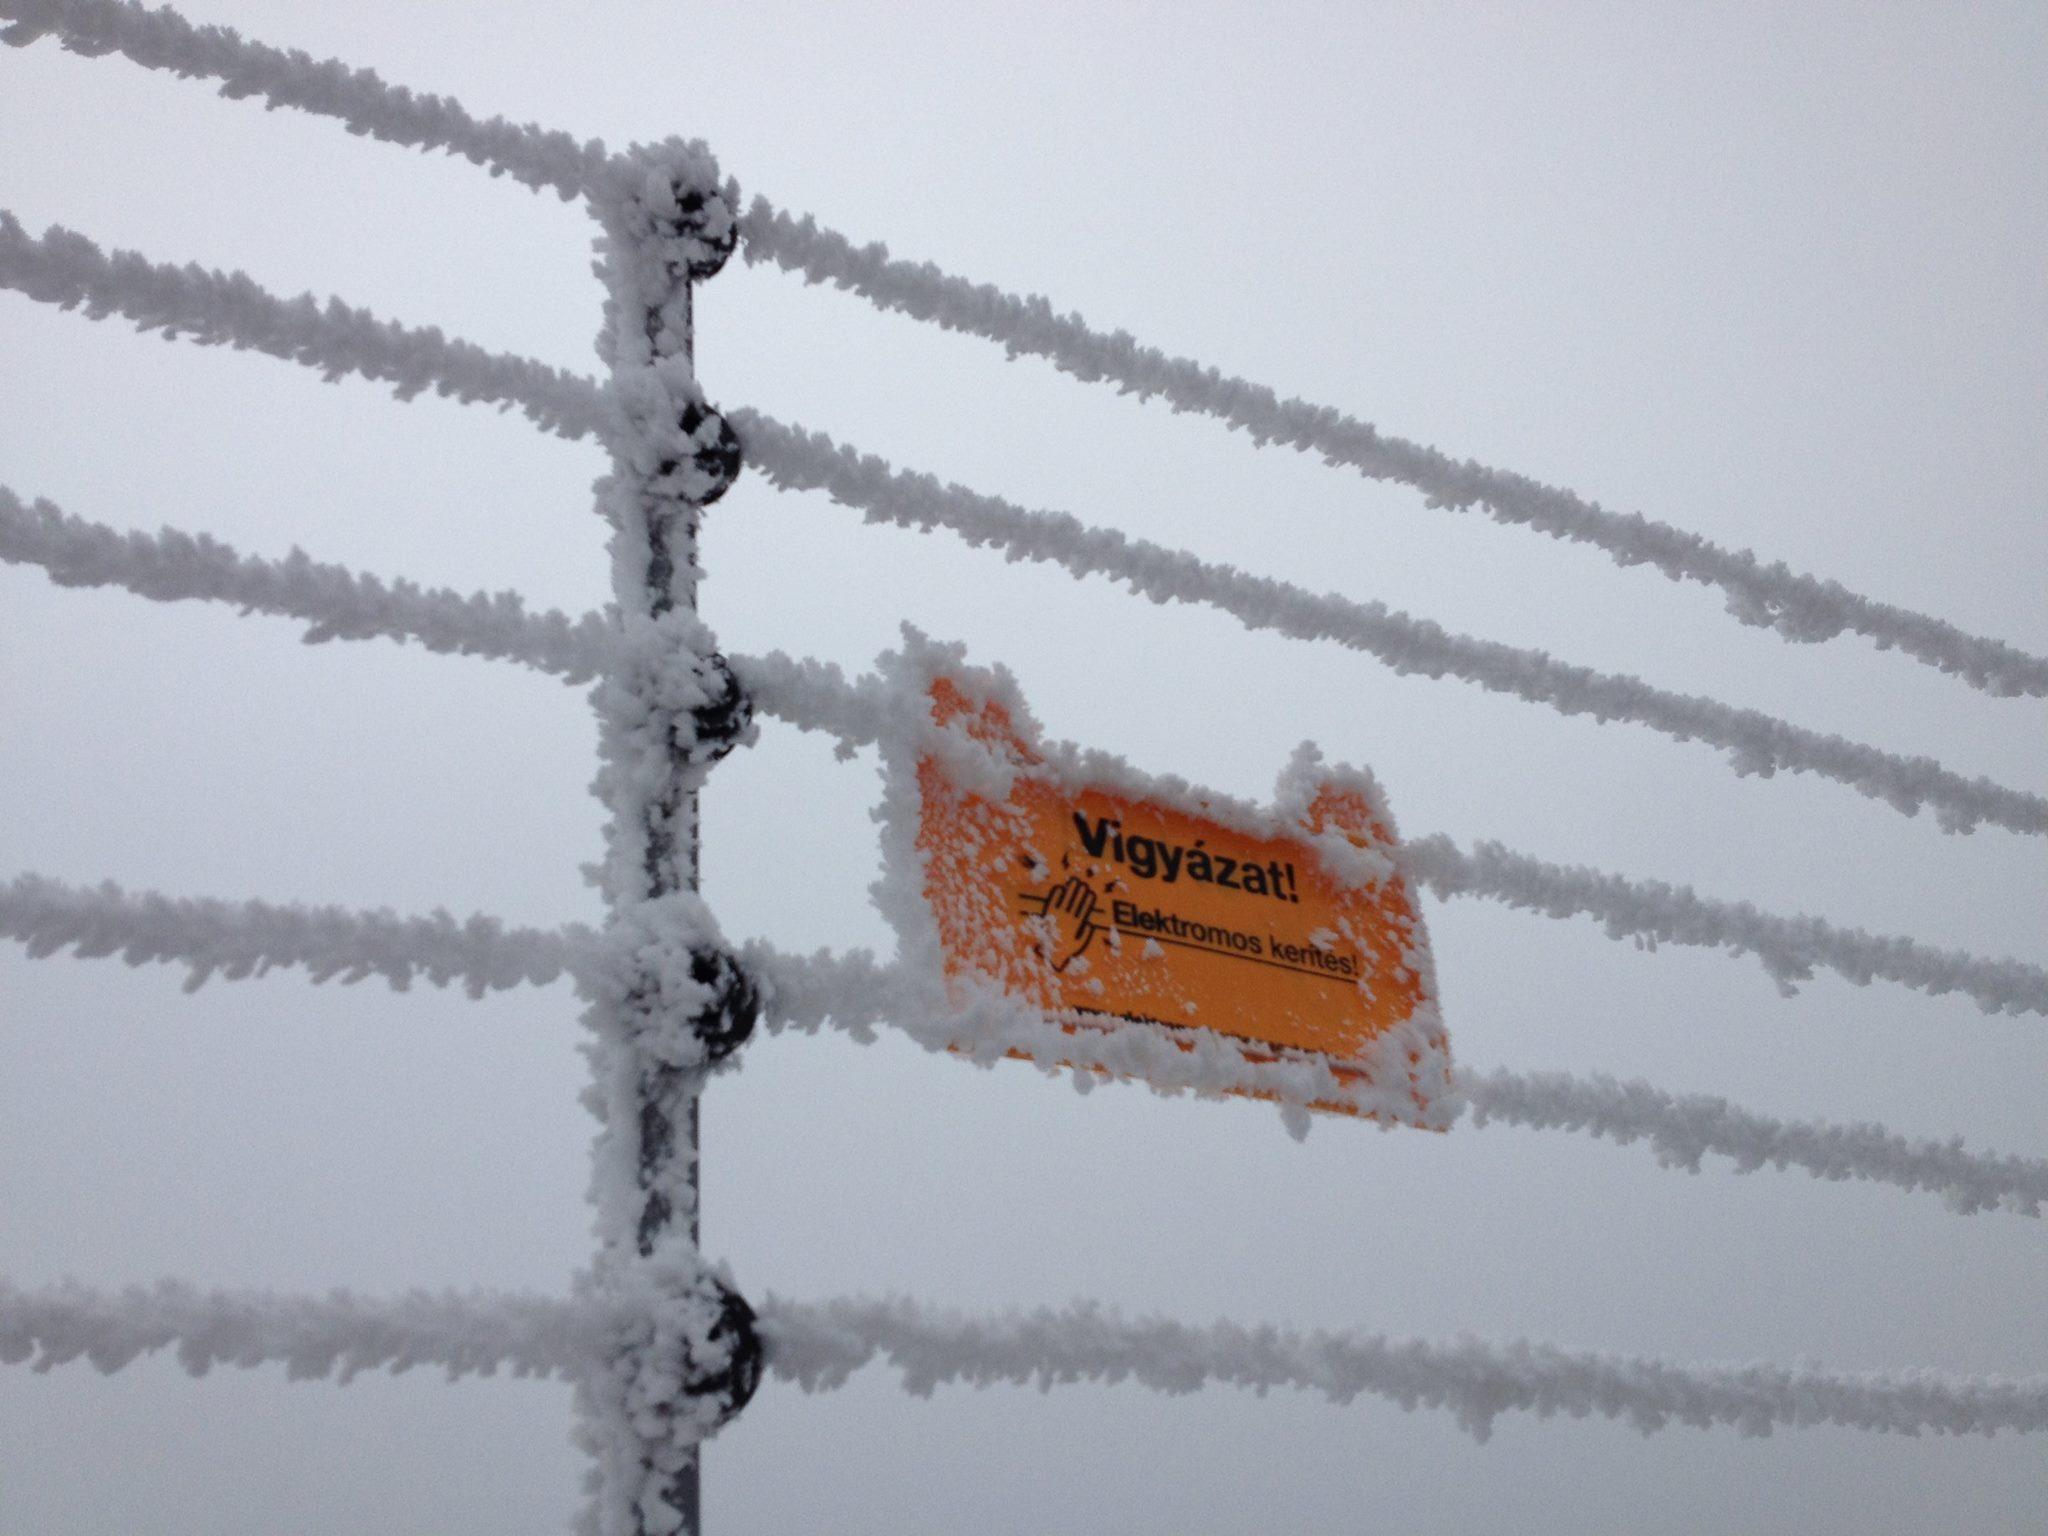 Extrém időjárás esetén is hatákony az elektromos kerítés